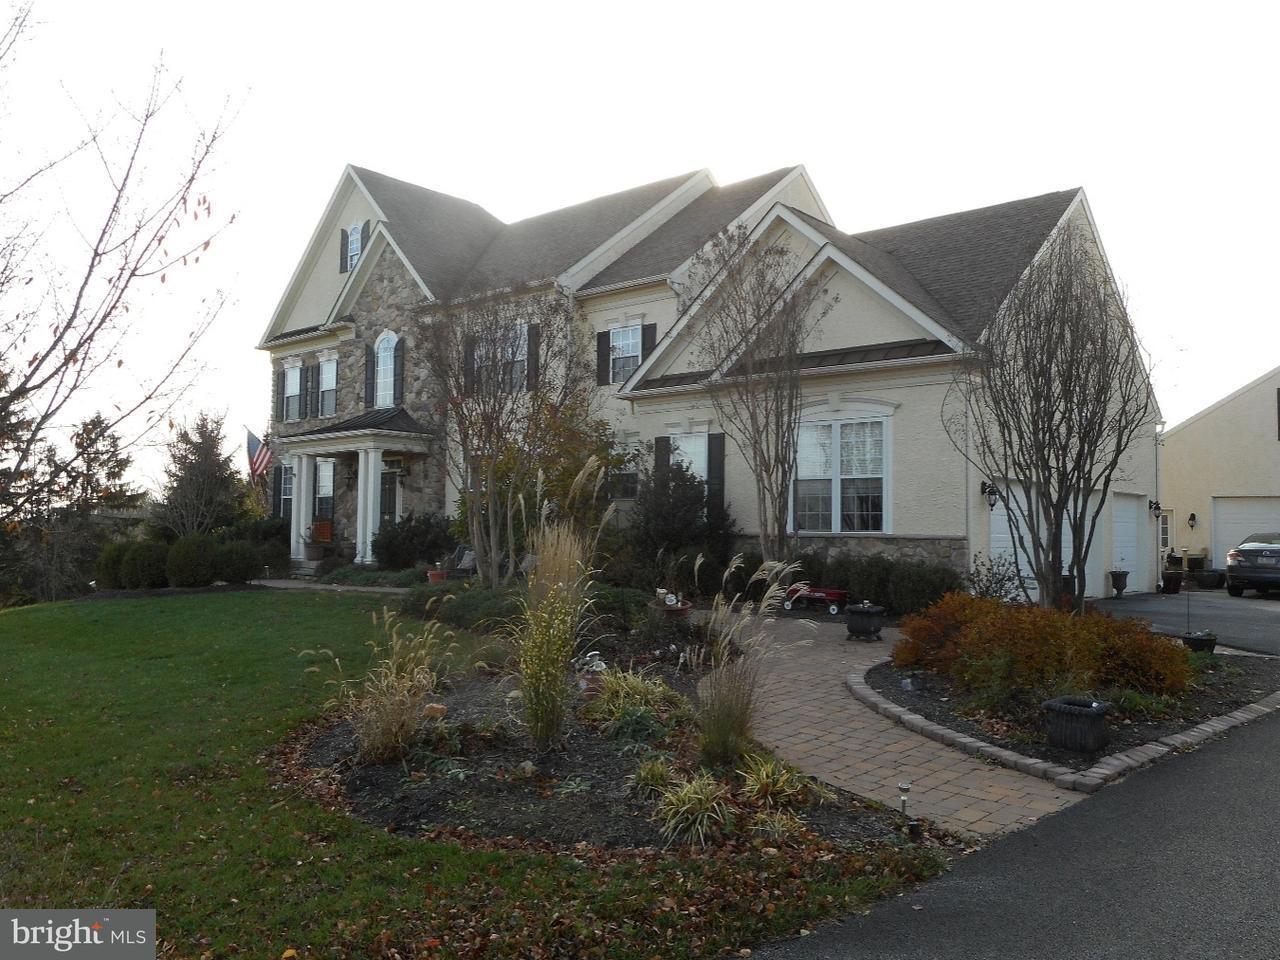 独户住宅 为 出租 在 44 MENDENHALL Drive 科茨威尔, 宾夕法尼亚州 19320 美国